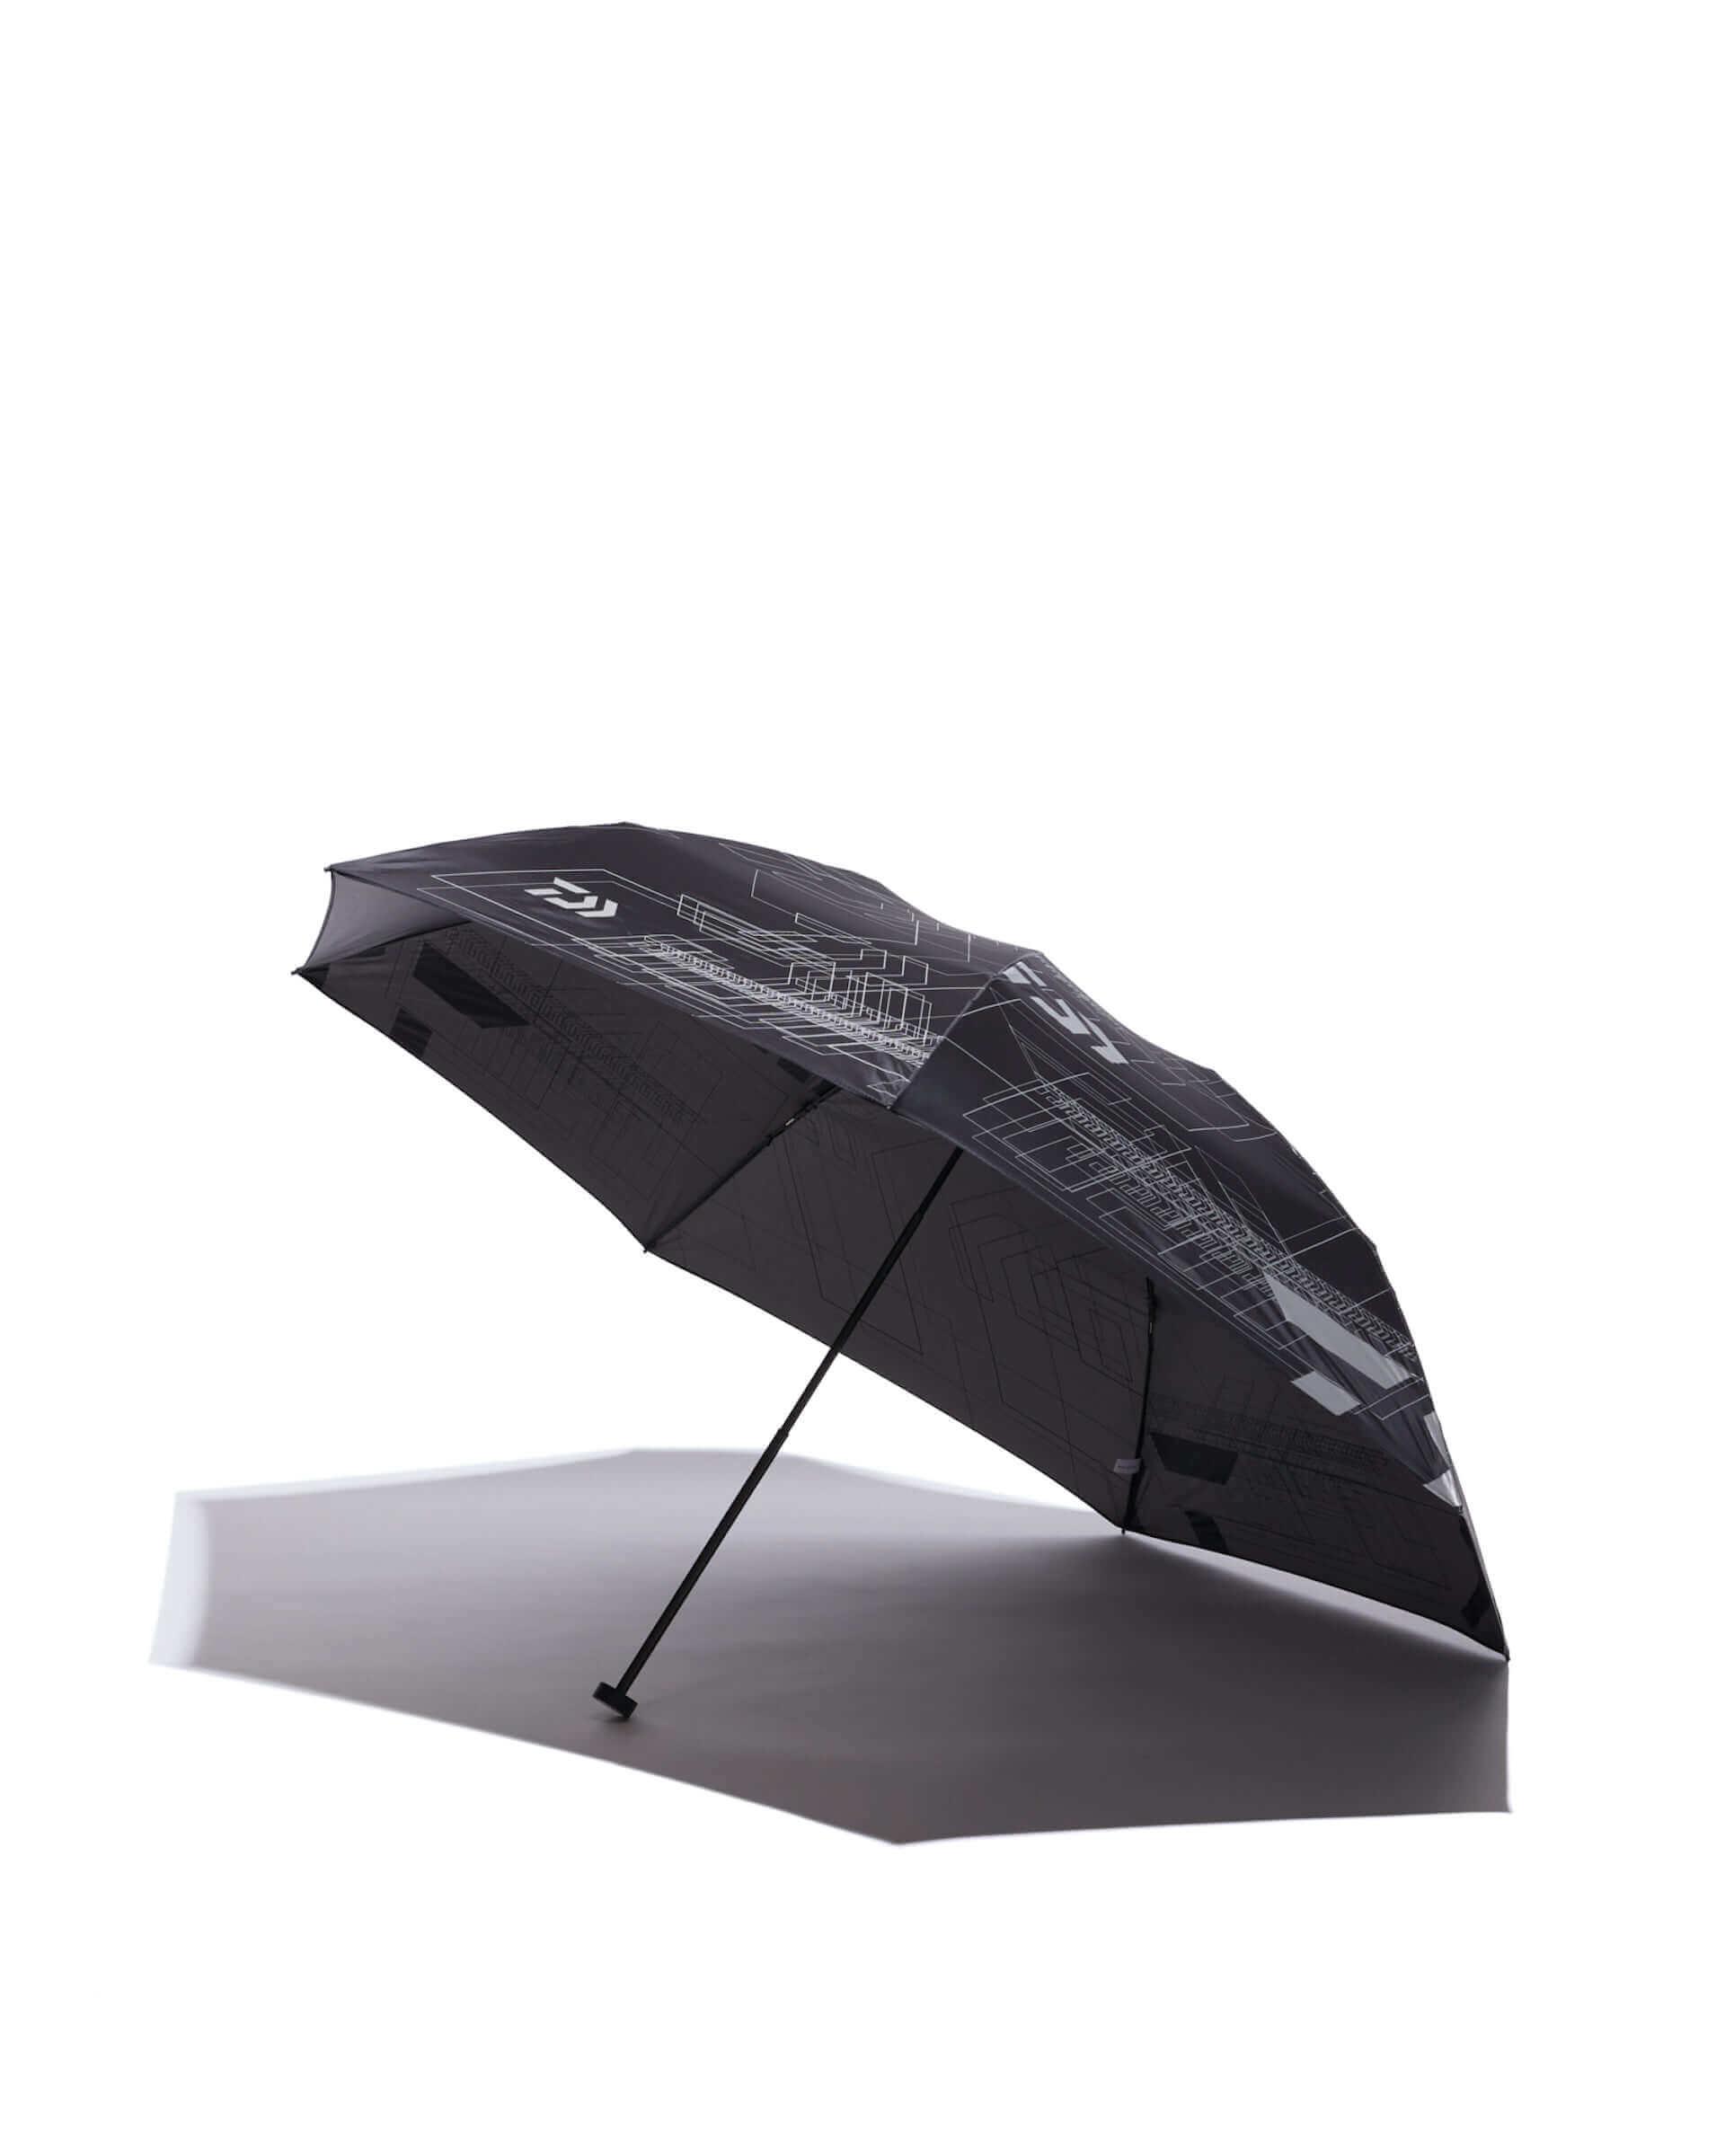 <佐藤可士和展>開催記念アイテムがDAIWA、D-VECから発売!釣り中に最適な軽量折りたたみ傘、ウィンドジャケット、ネックバックが登場 lf210203_daiwa-dvec_9-1920x2400